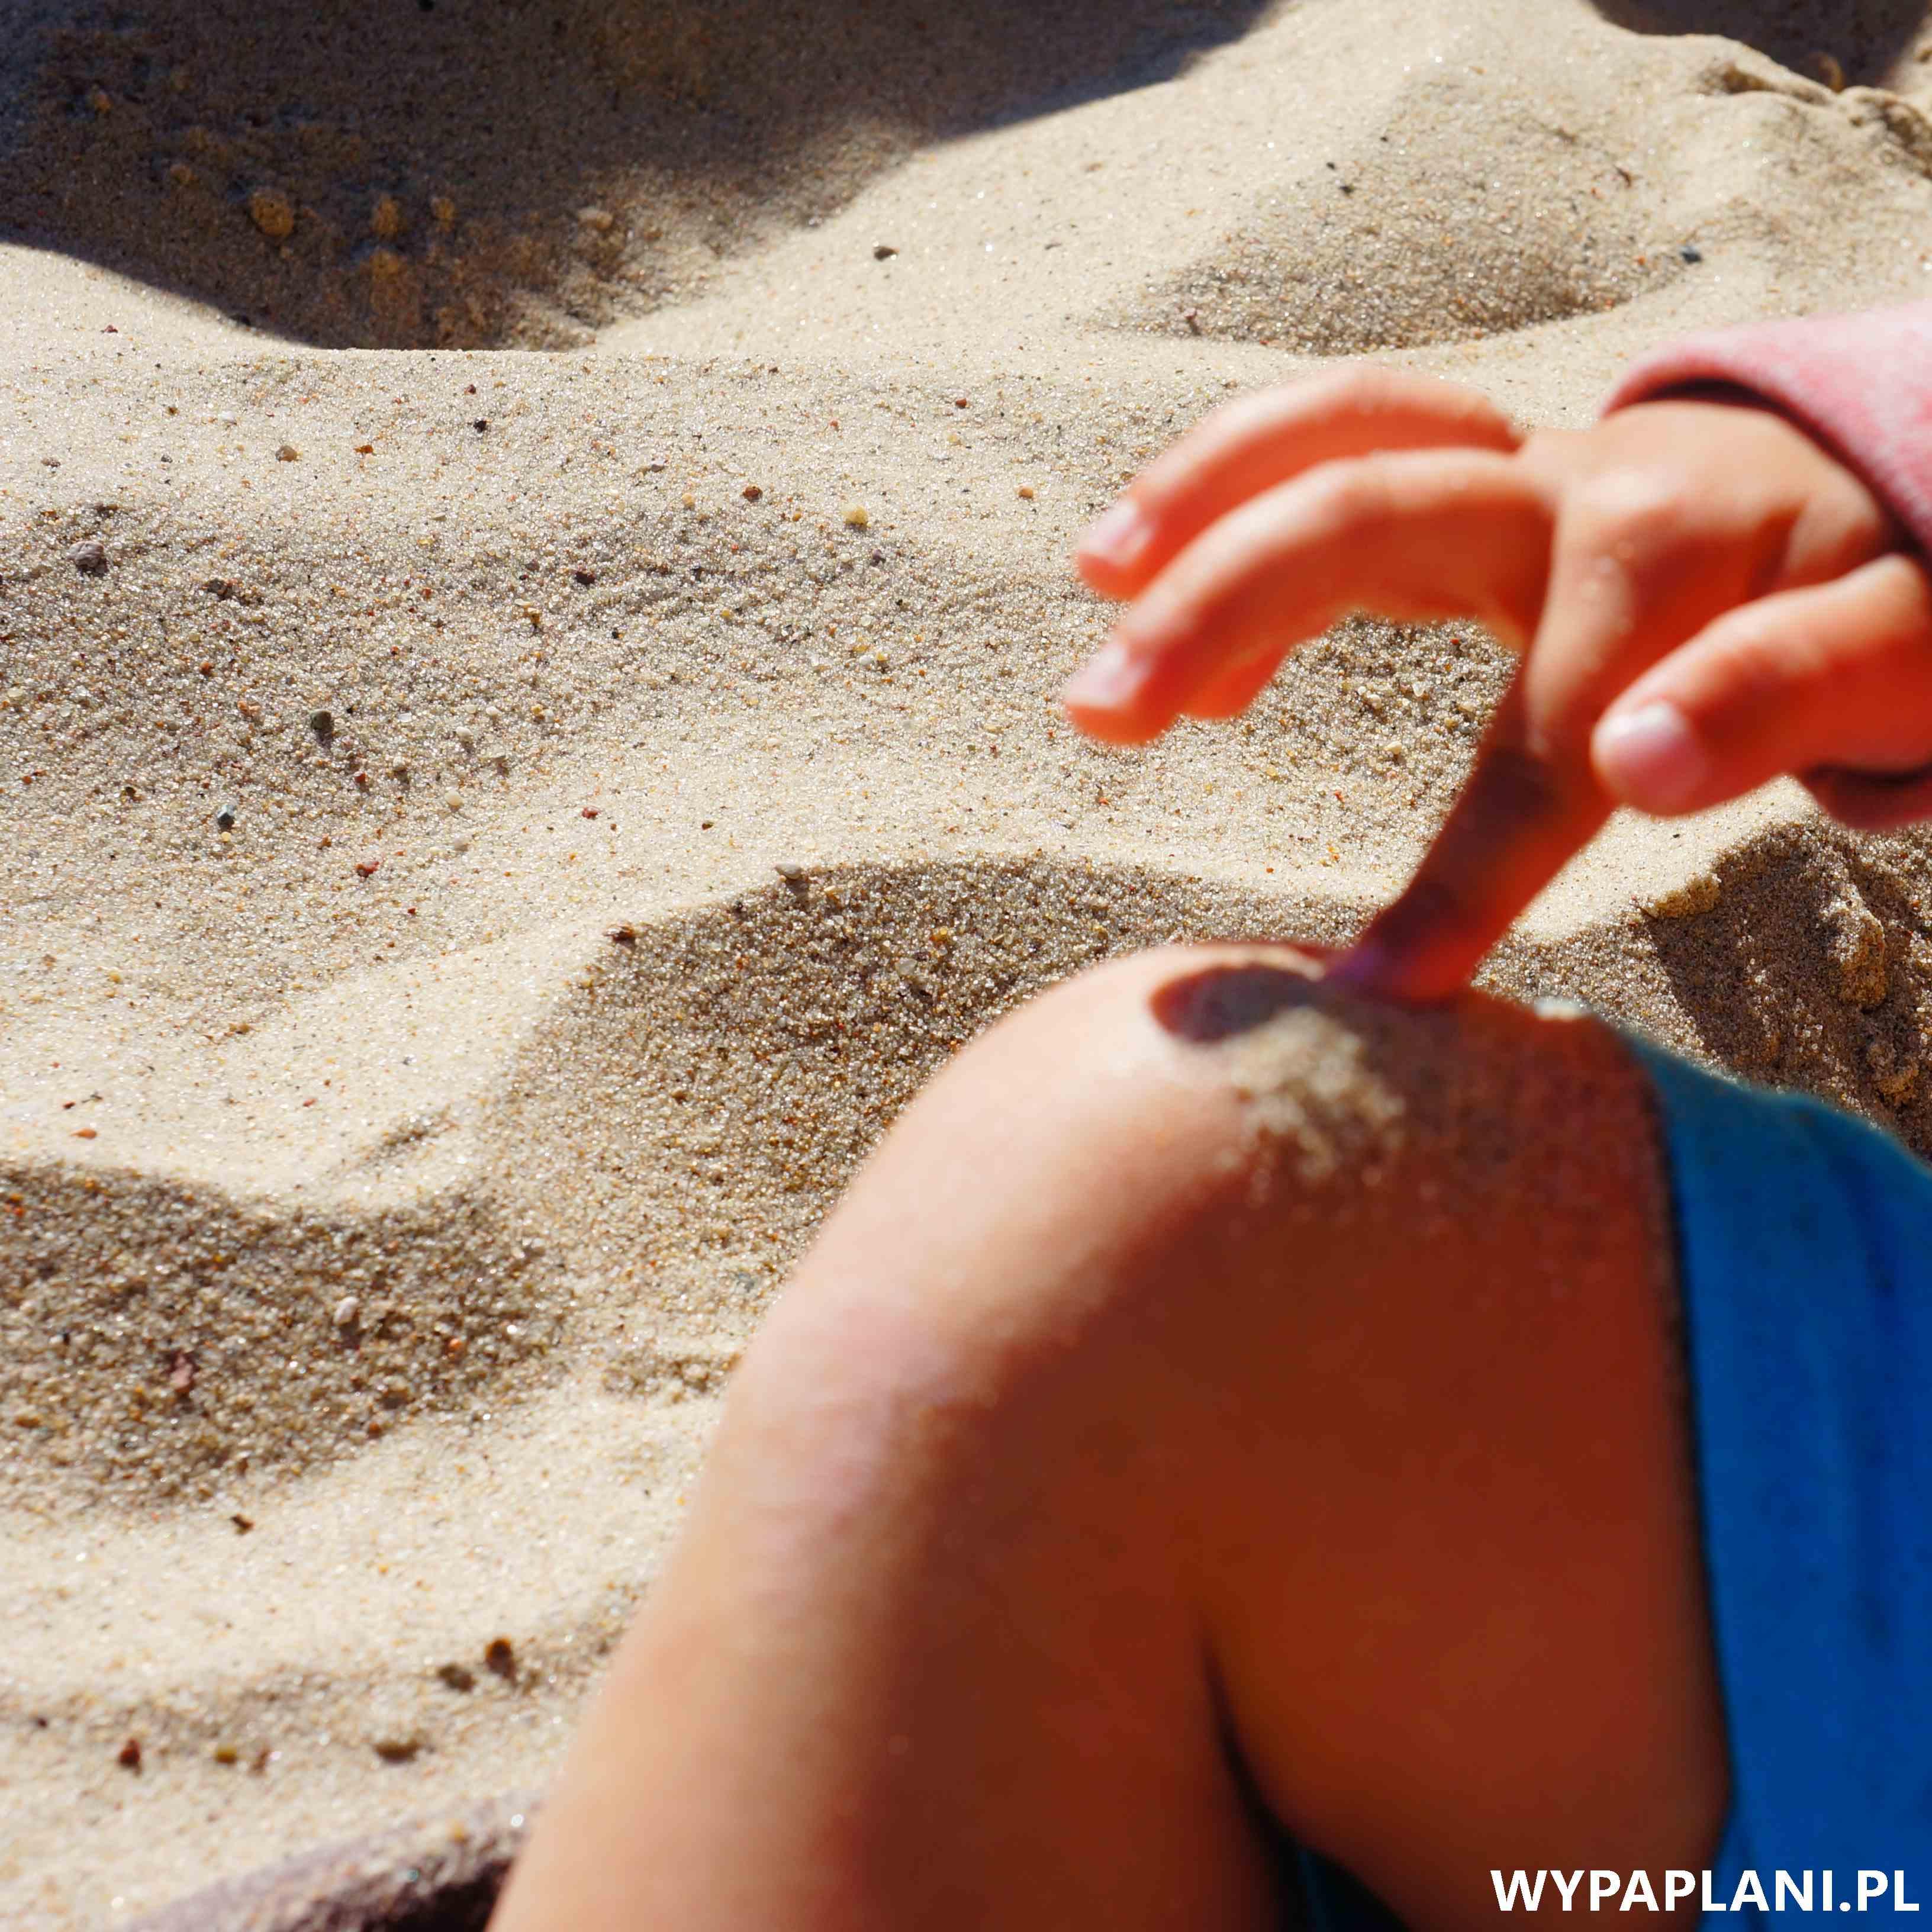 015_top zabawki do piasku piaskownicy na plażę